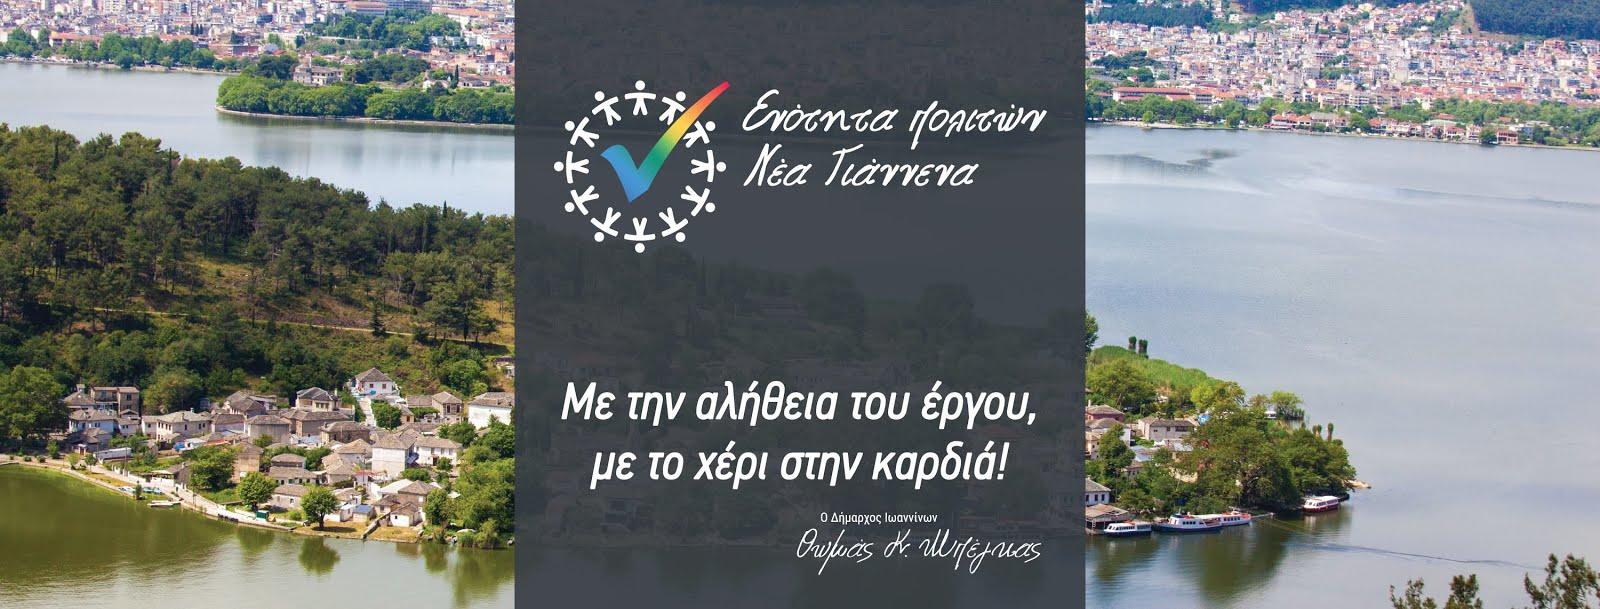 ΕΝΟΤΗΤΑ ΠΟΛΙΤΩΝ-ΝΕΑ ΓΙΑΝΝΕΝΑ